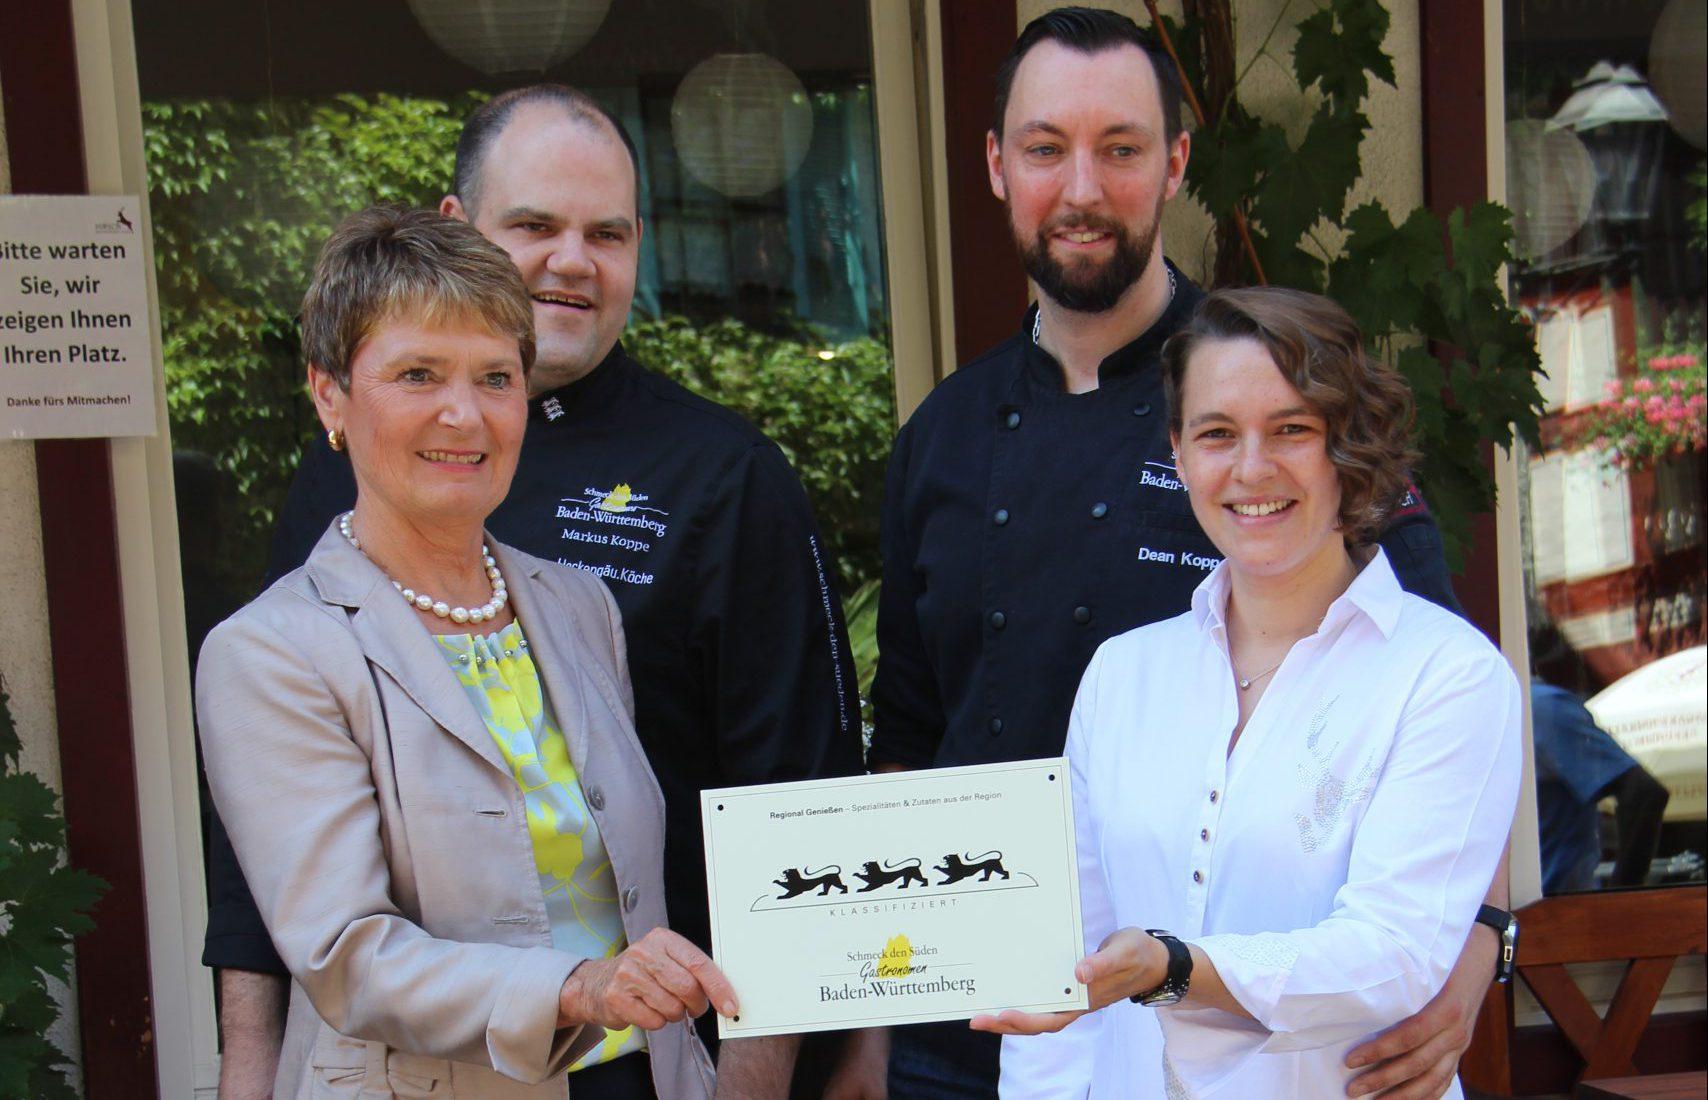 Bild 3- Löwen- Auszeichnung für das Café Restaurant Hirsch in Besigheim